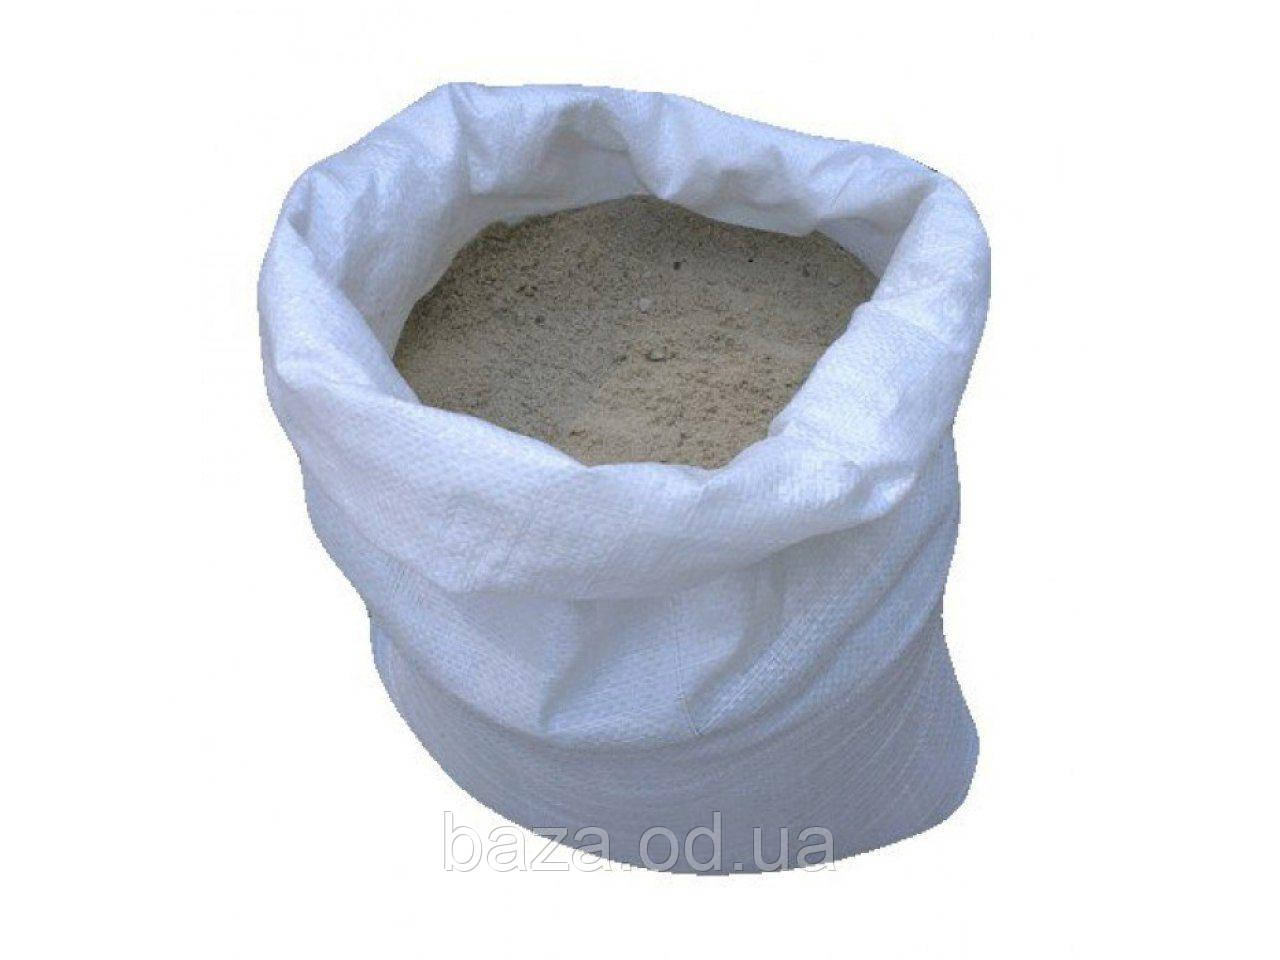 Песок крупный в мешках Вознесенский 14л. 20-22 кг